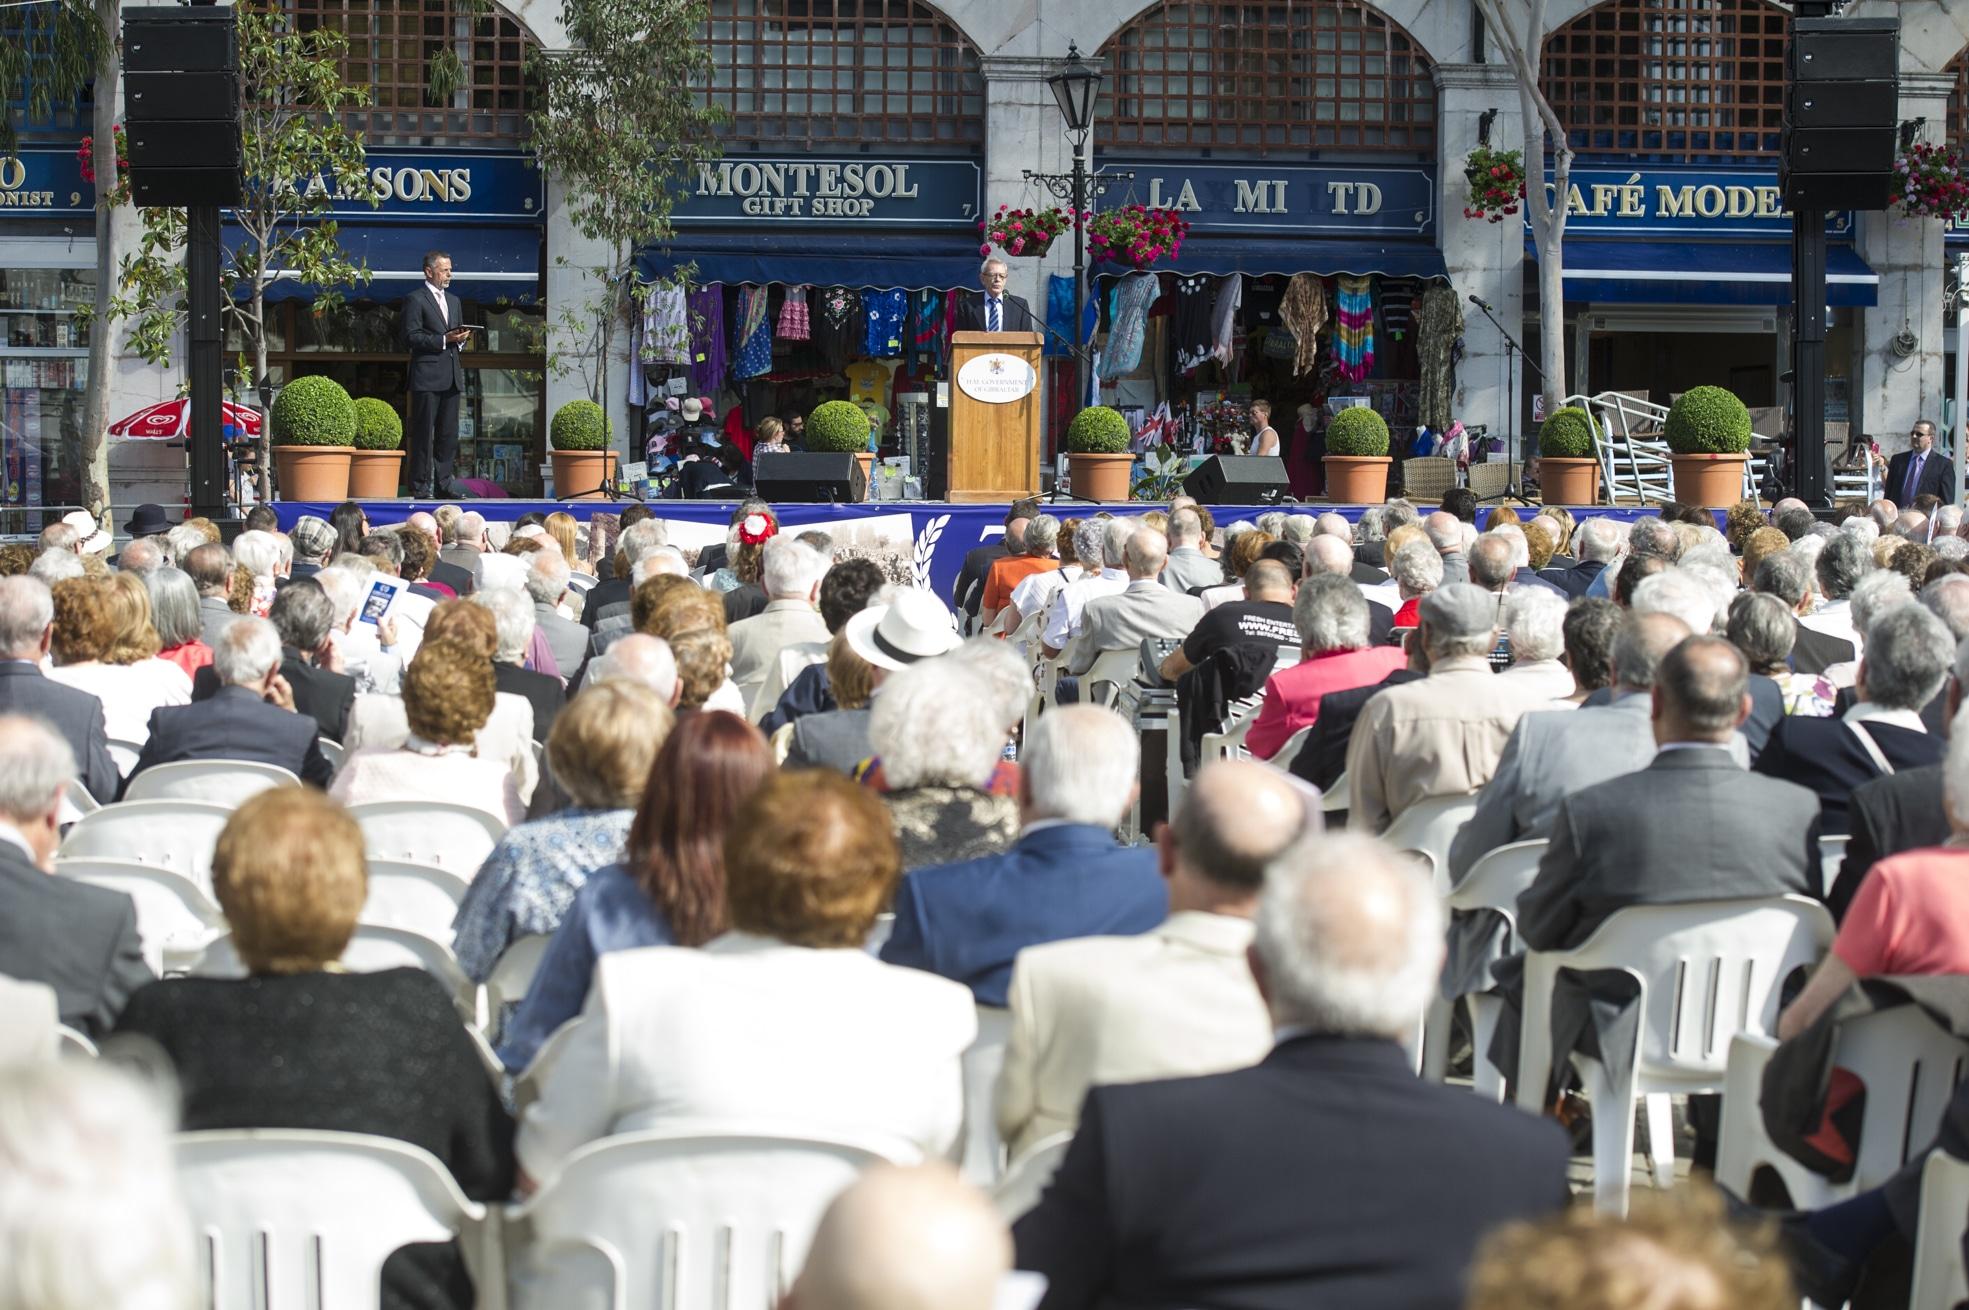 ceremonia-75-anos-evacuacion-gibraltar-22052015-38_17968802086_o